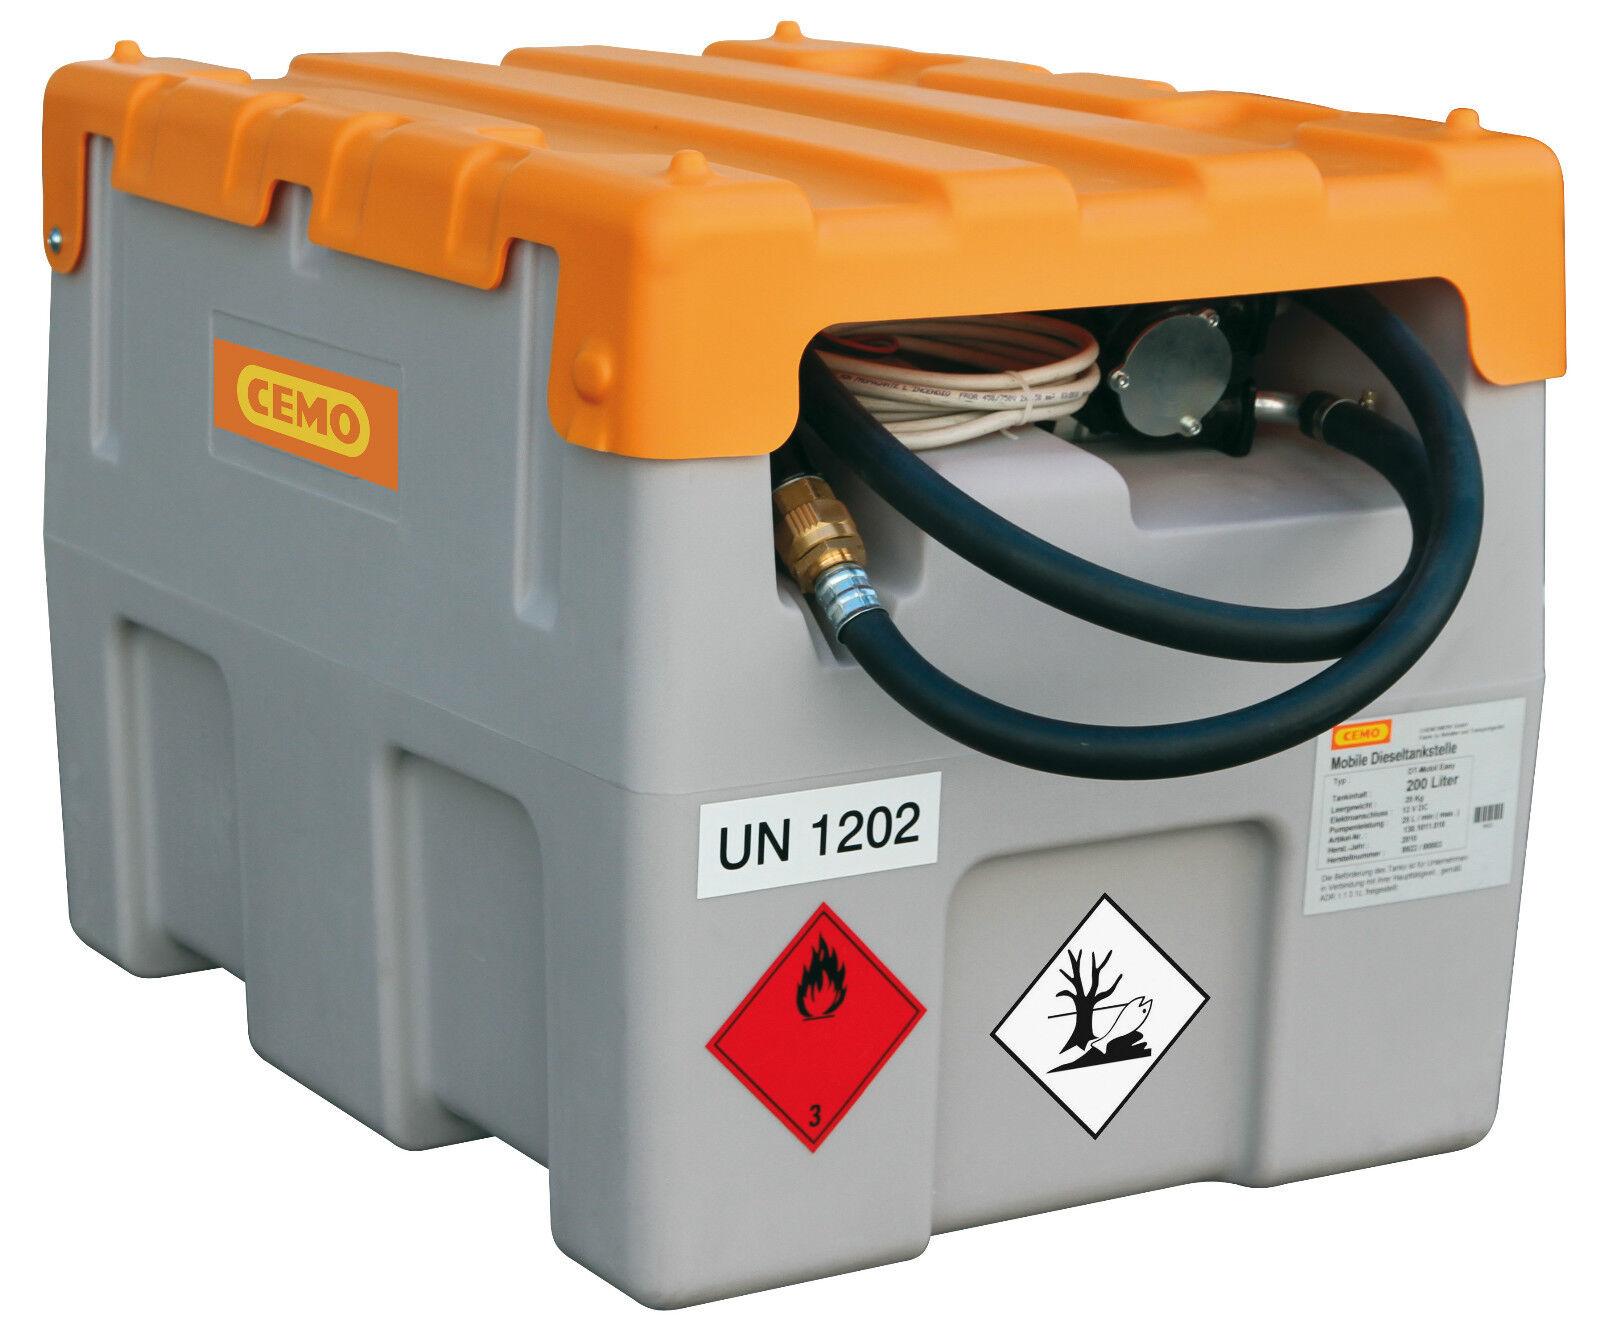 CEMO Dieseltank /  Dieseltankstelle 200 Liter Liter Liter mit Li-Ion Akkusystem mit Akku bac21b